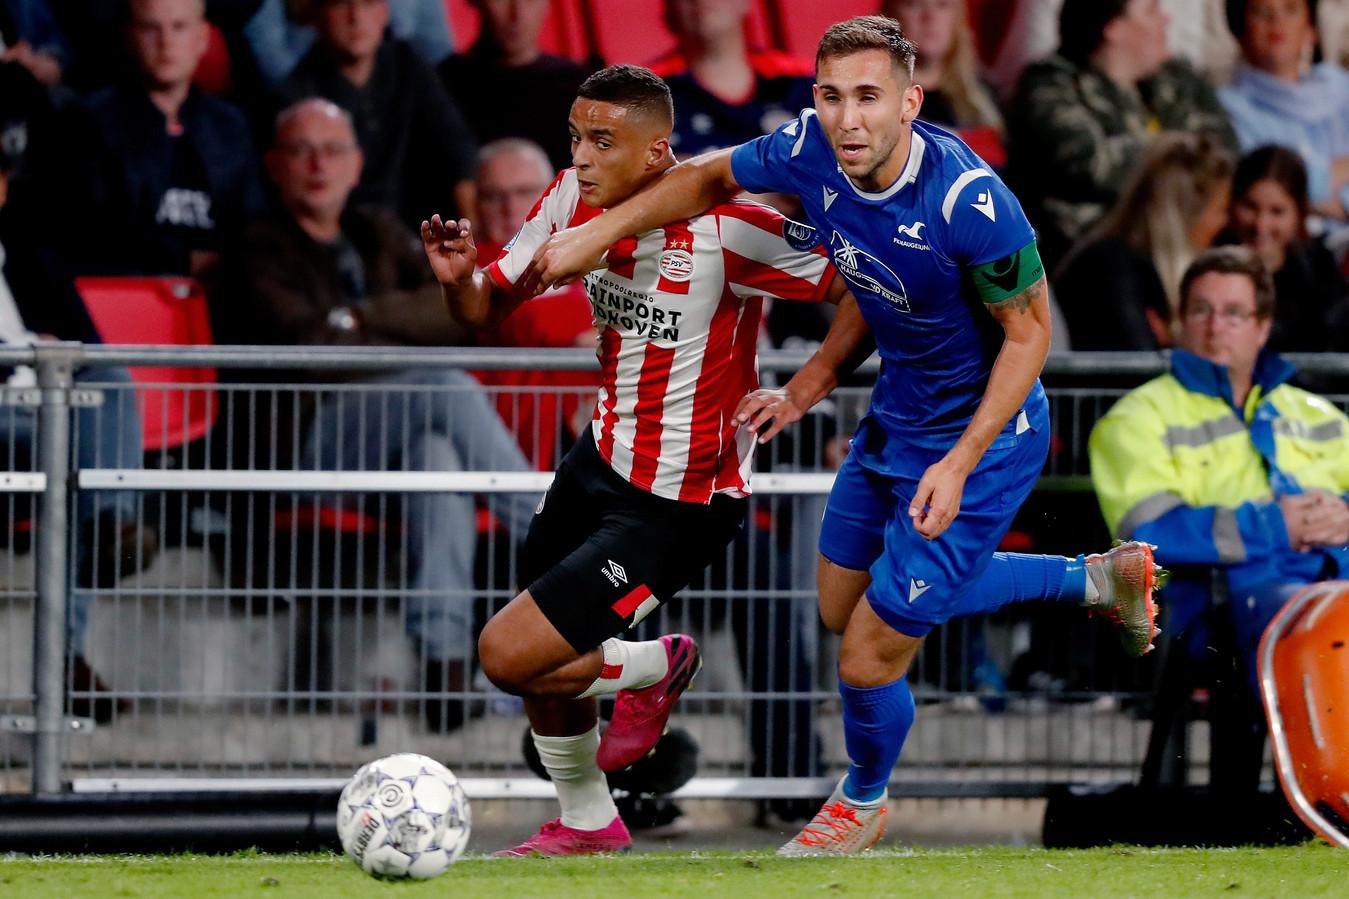 De jonge Mohammed Ihattaren in duel met Benjamin Tiedemann Hansen van FK Haugesund.